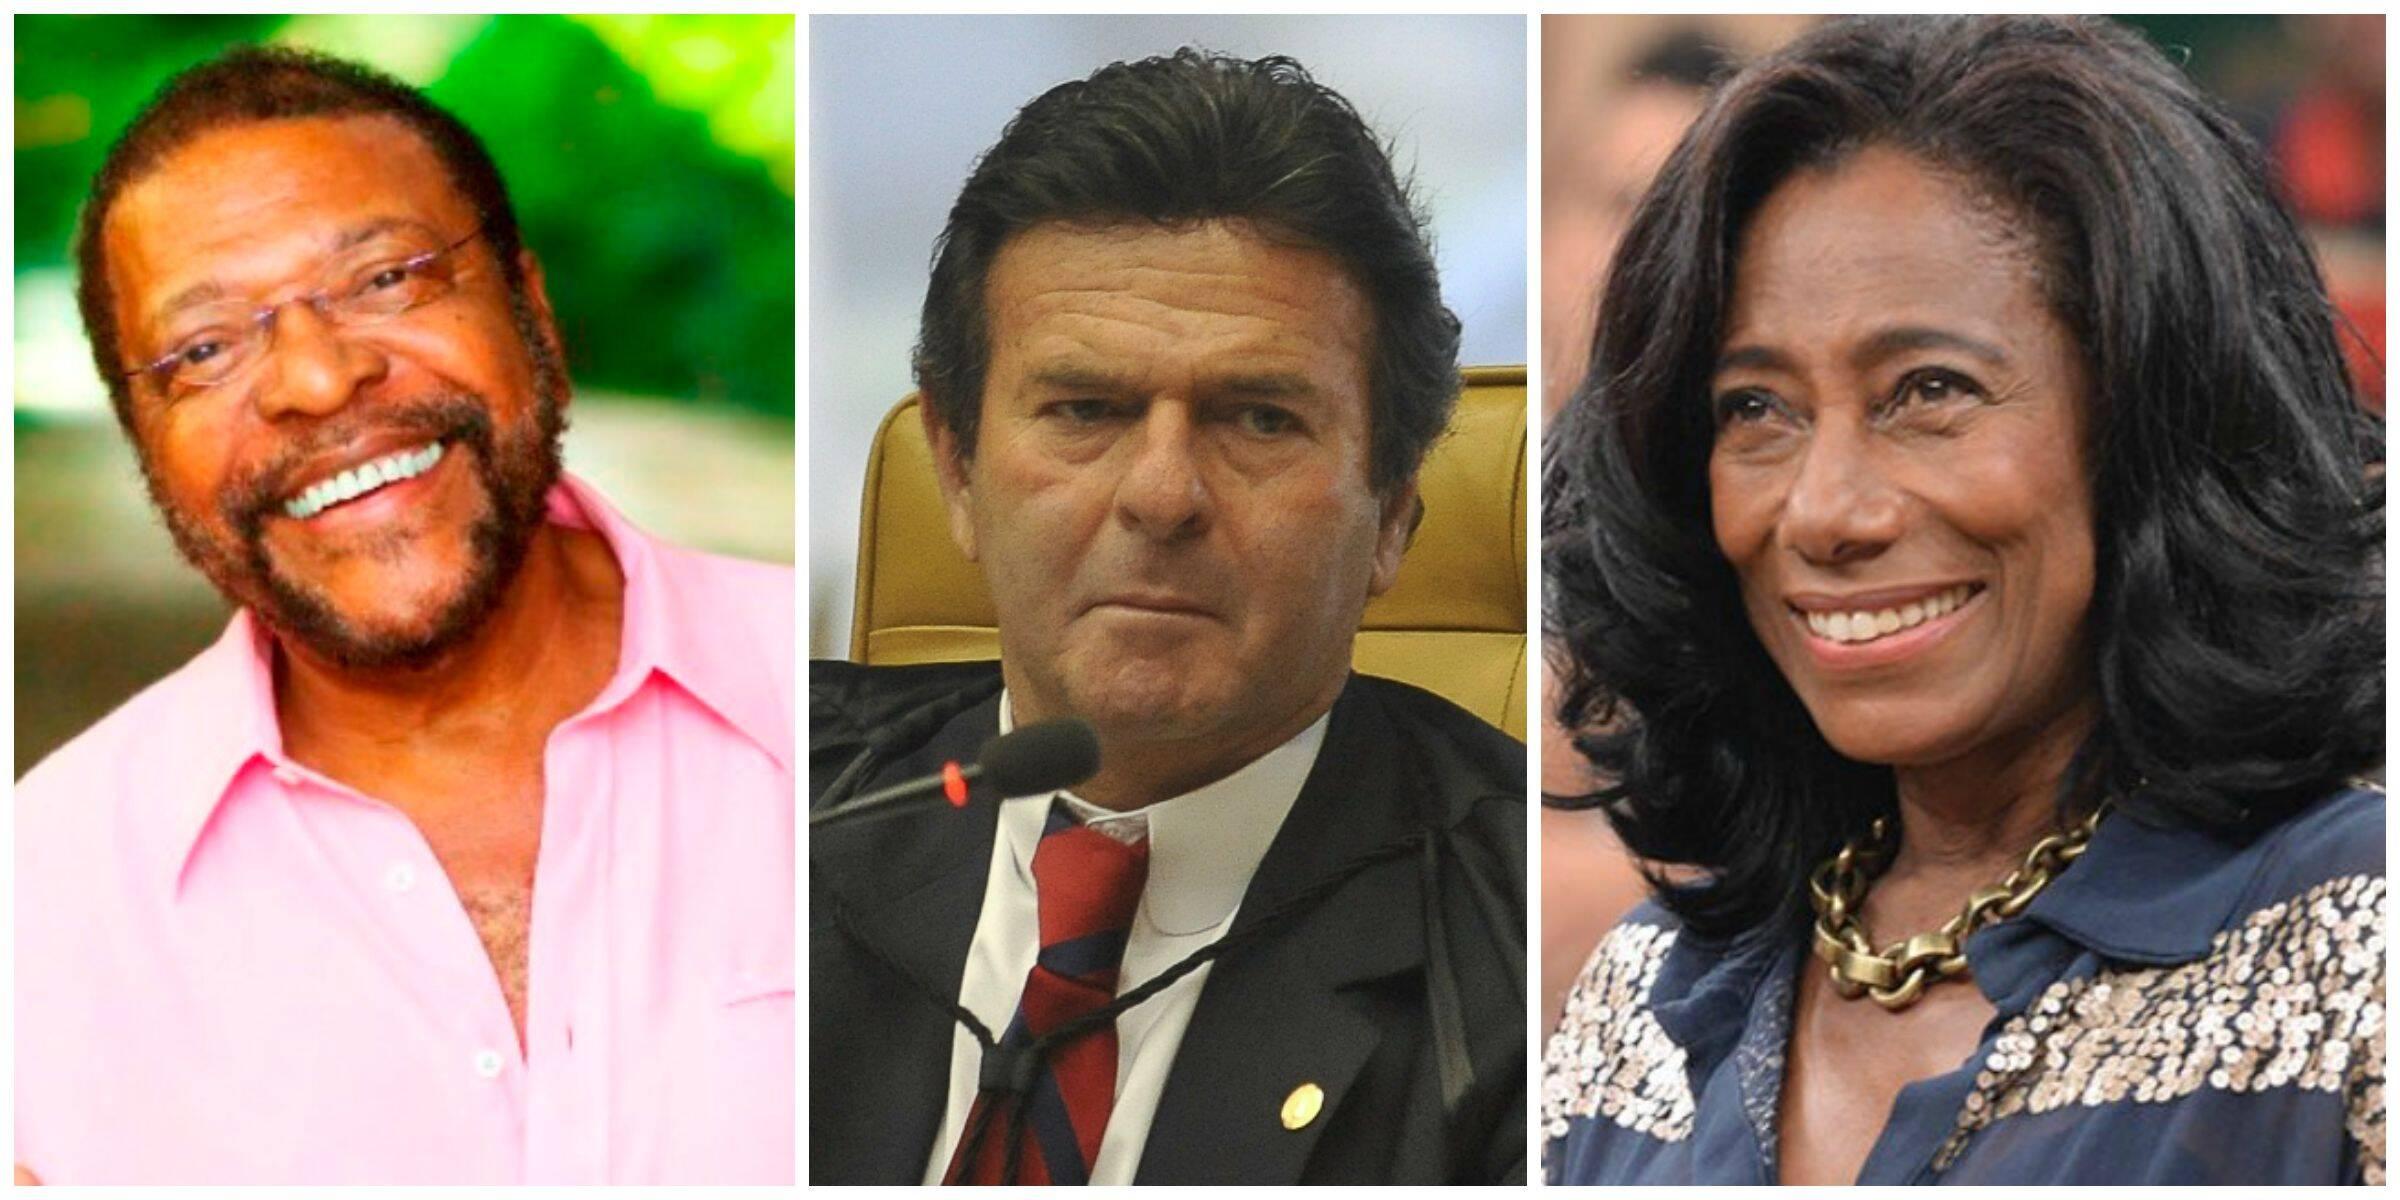 Martinho da Vila, o premiado da edição 2015 do Troféu Raça Negra, já recebido pelo ministro Luiz Fux e pela jornalista Gloria Maria / Fotos: reprodução da internet